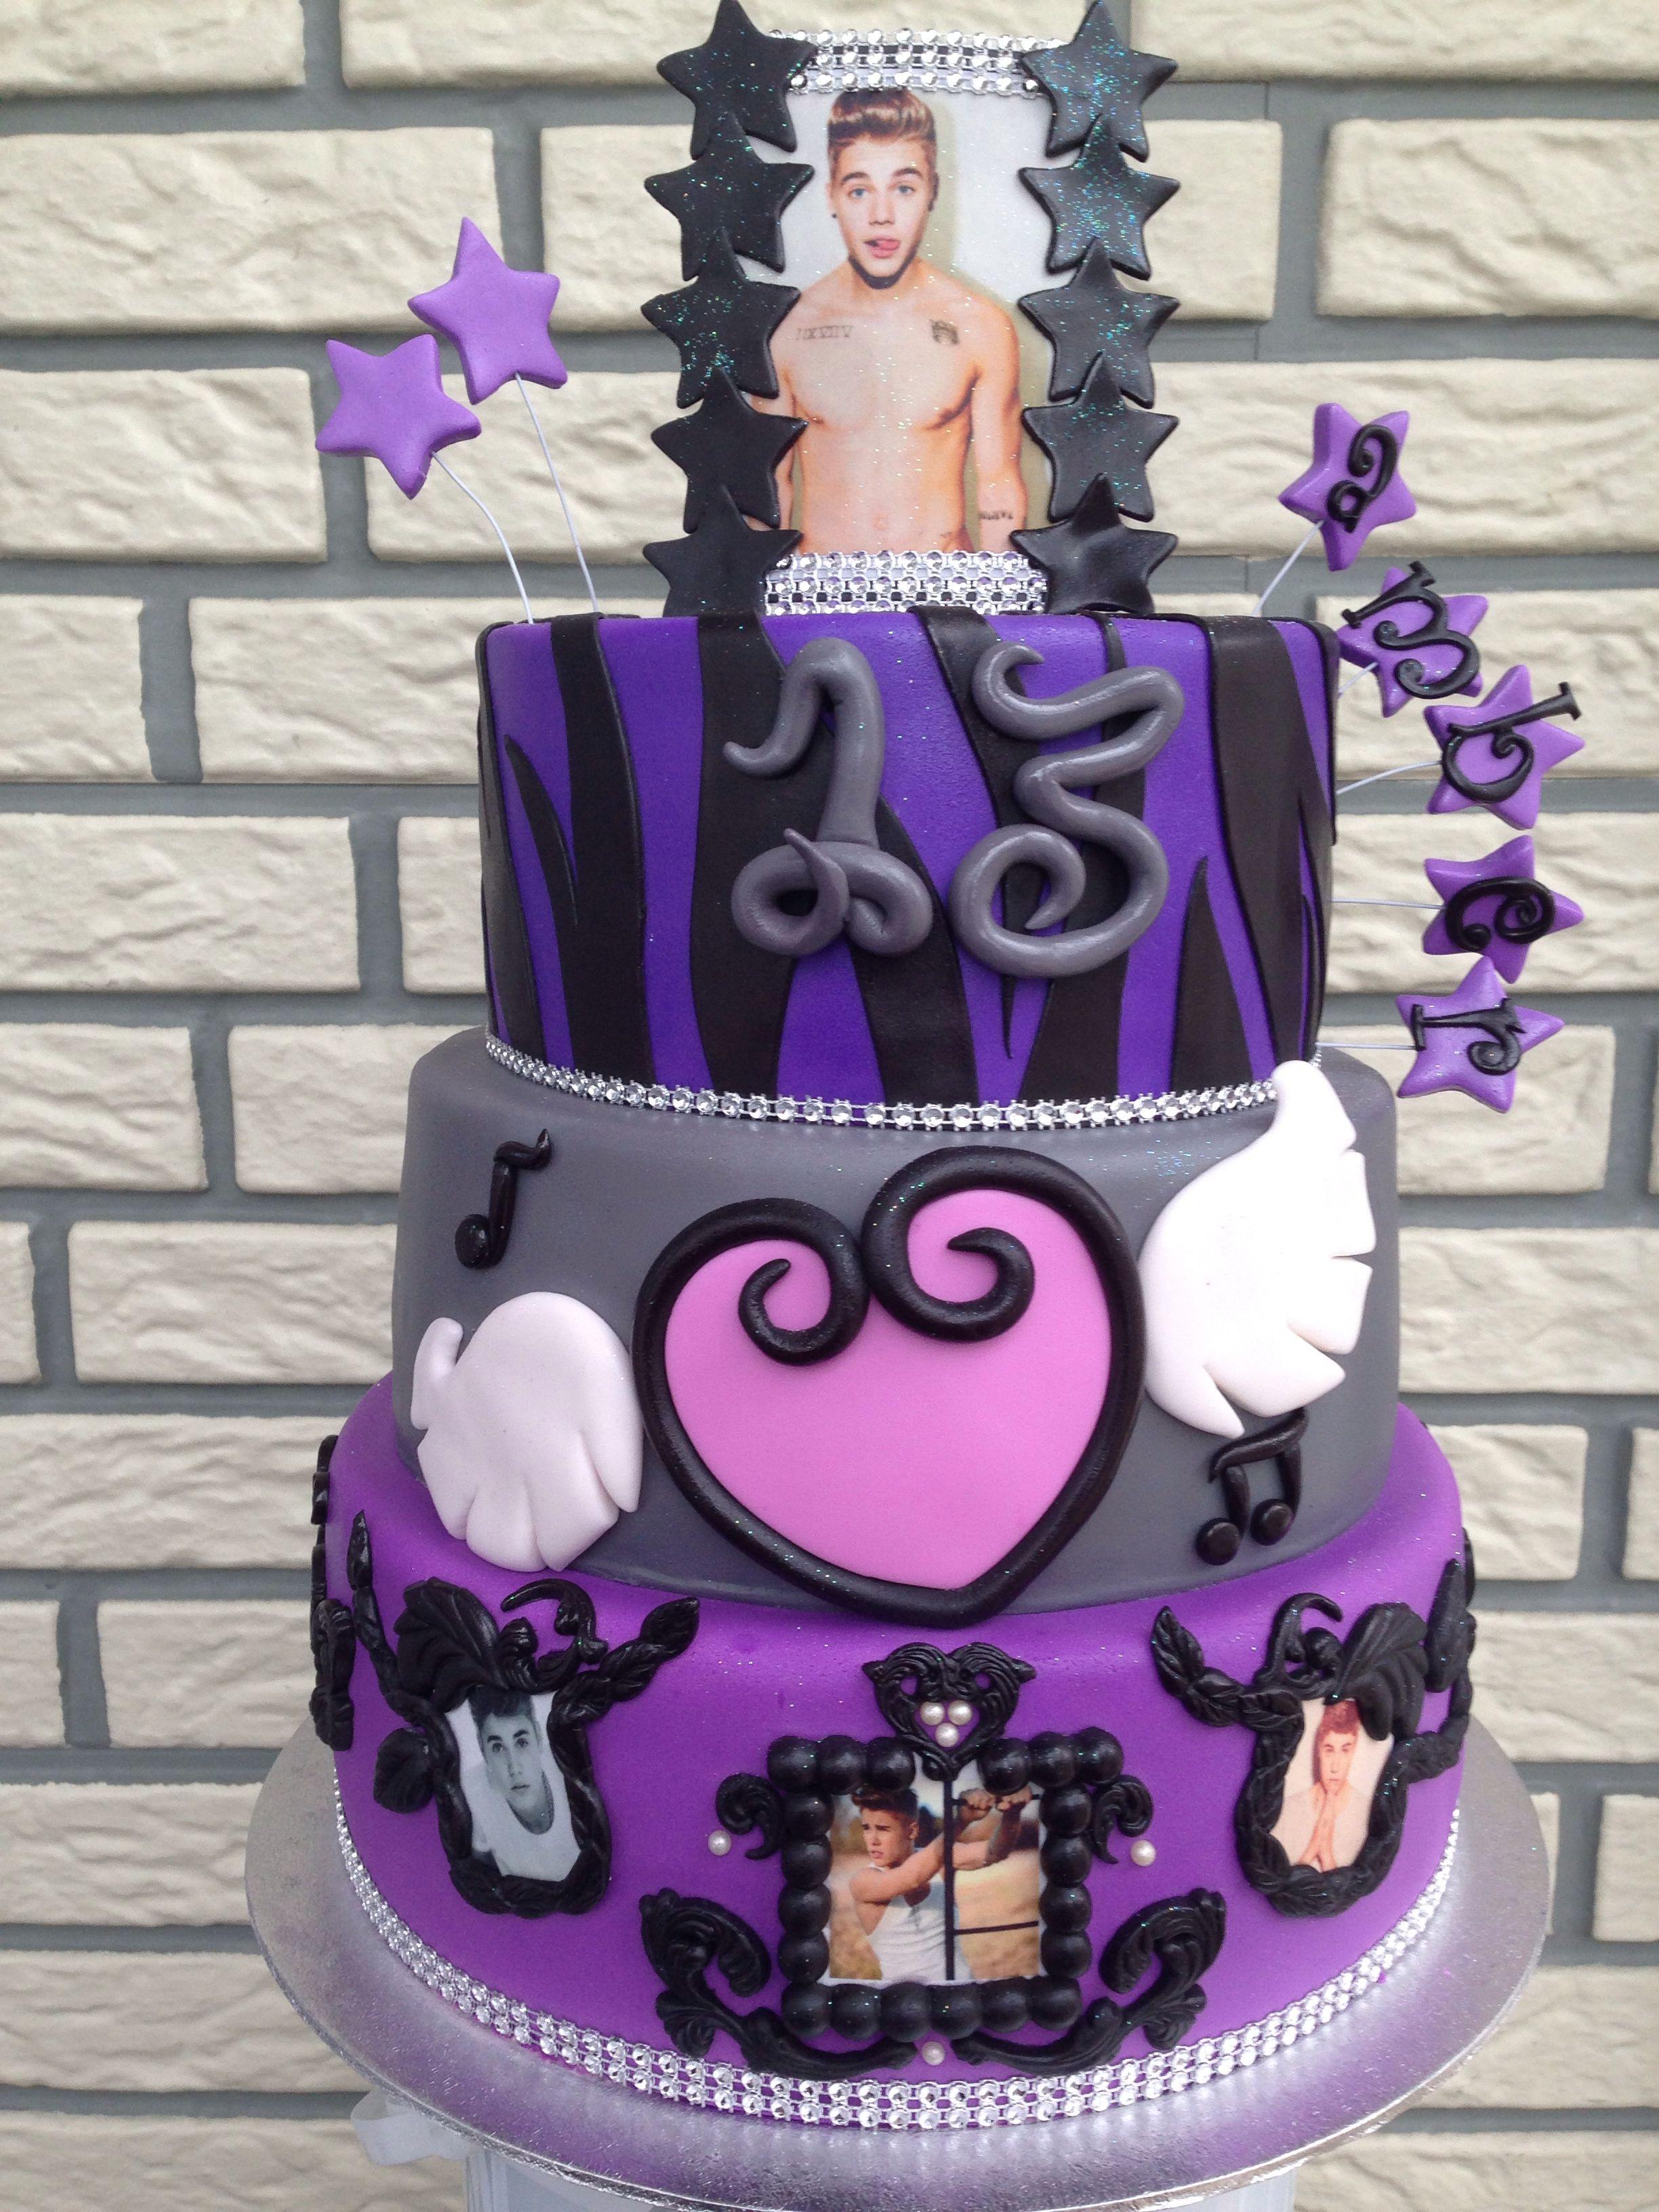 Groovy Justin Bieber Cake I Want This For My 15Th Birthday Omg Soooo Funny Birthday Cards Online Elaedamsfinfo